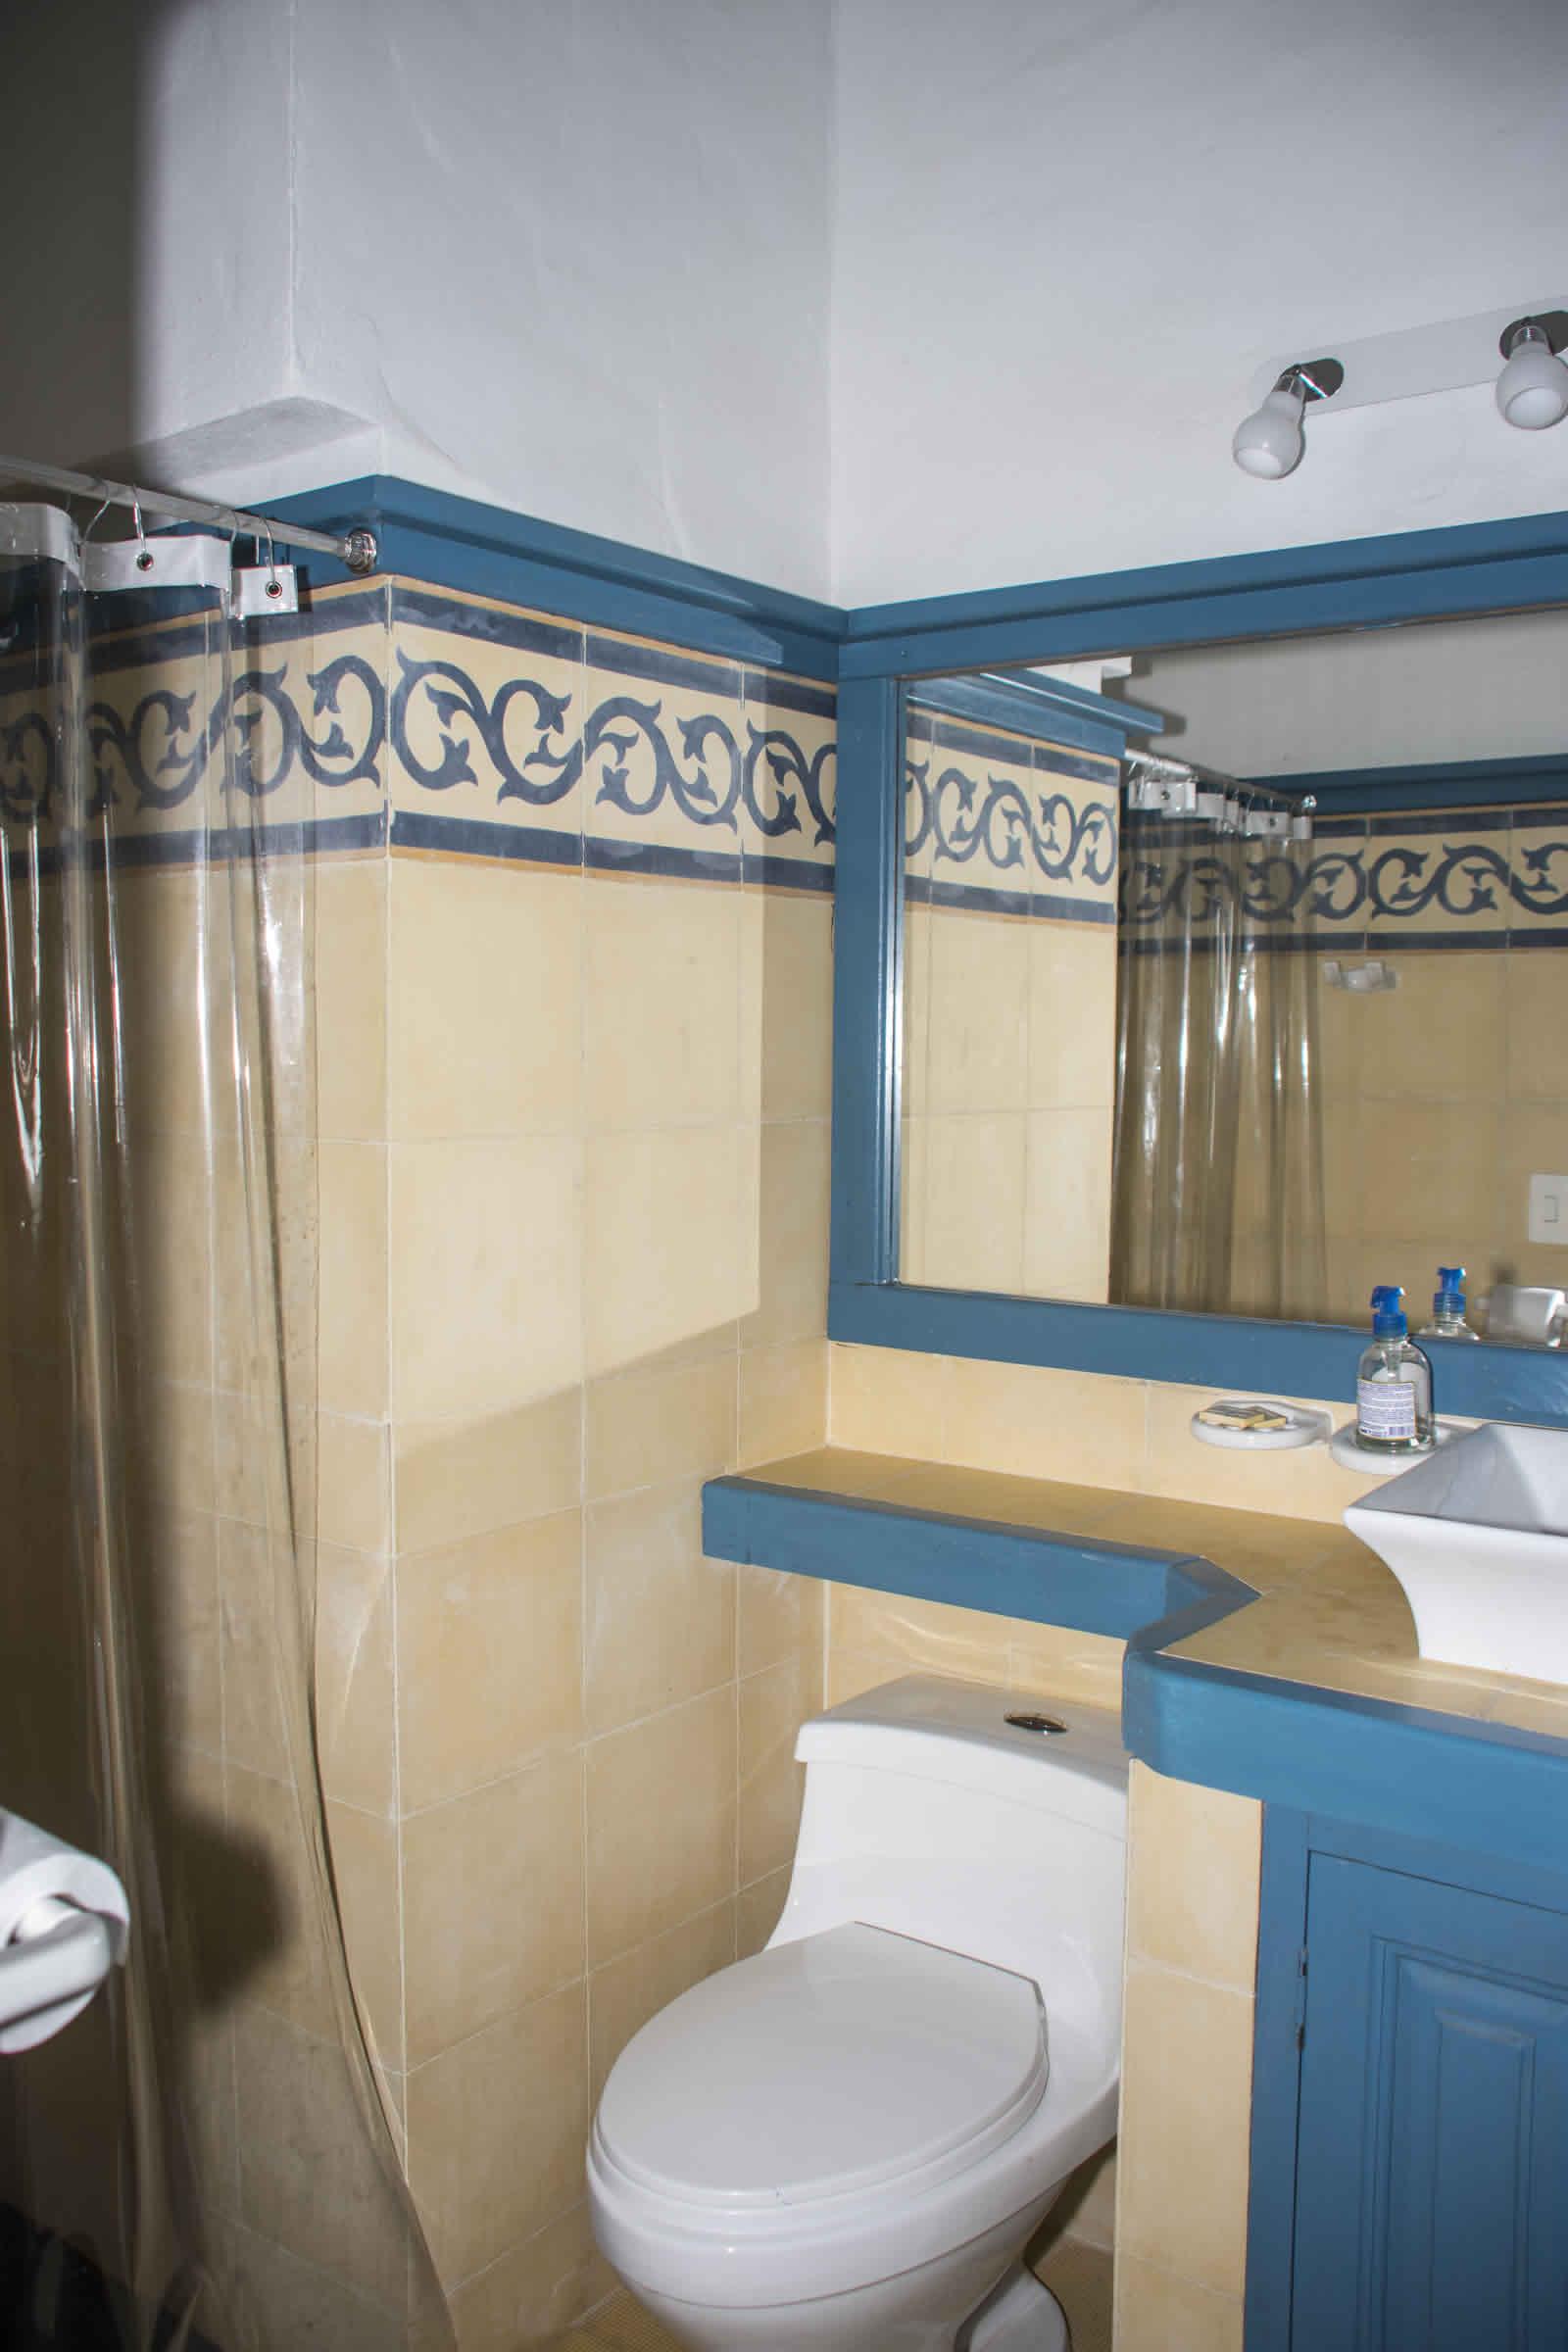 Alquiler casa Tulato Villa de Leyva baño auxiliar